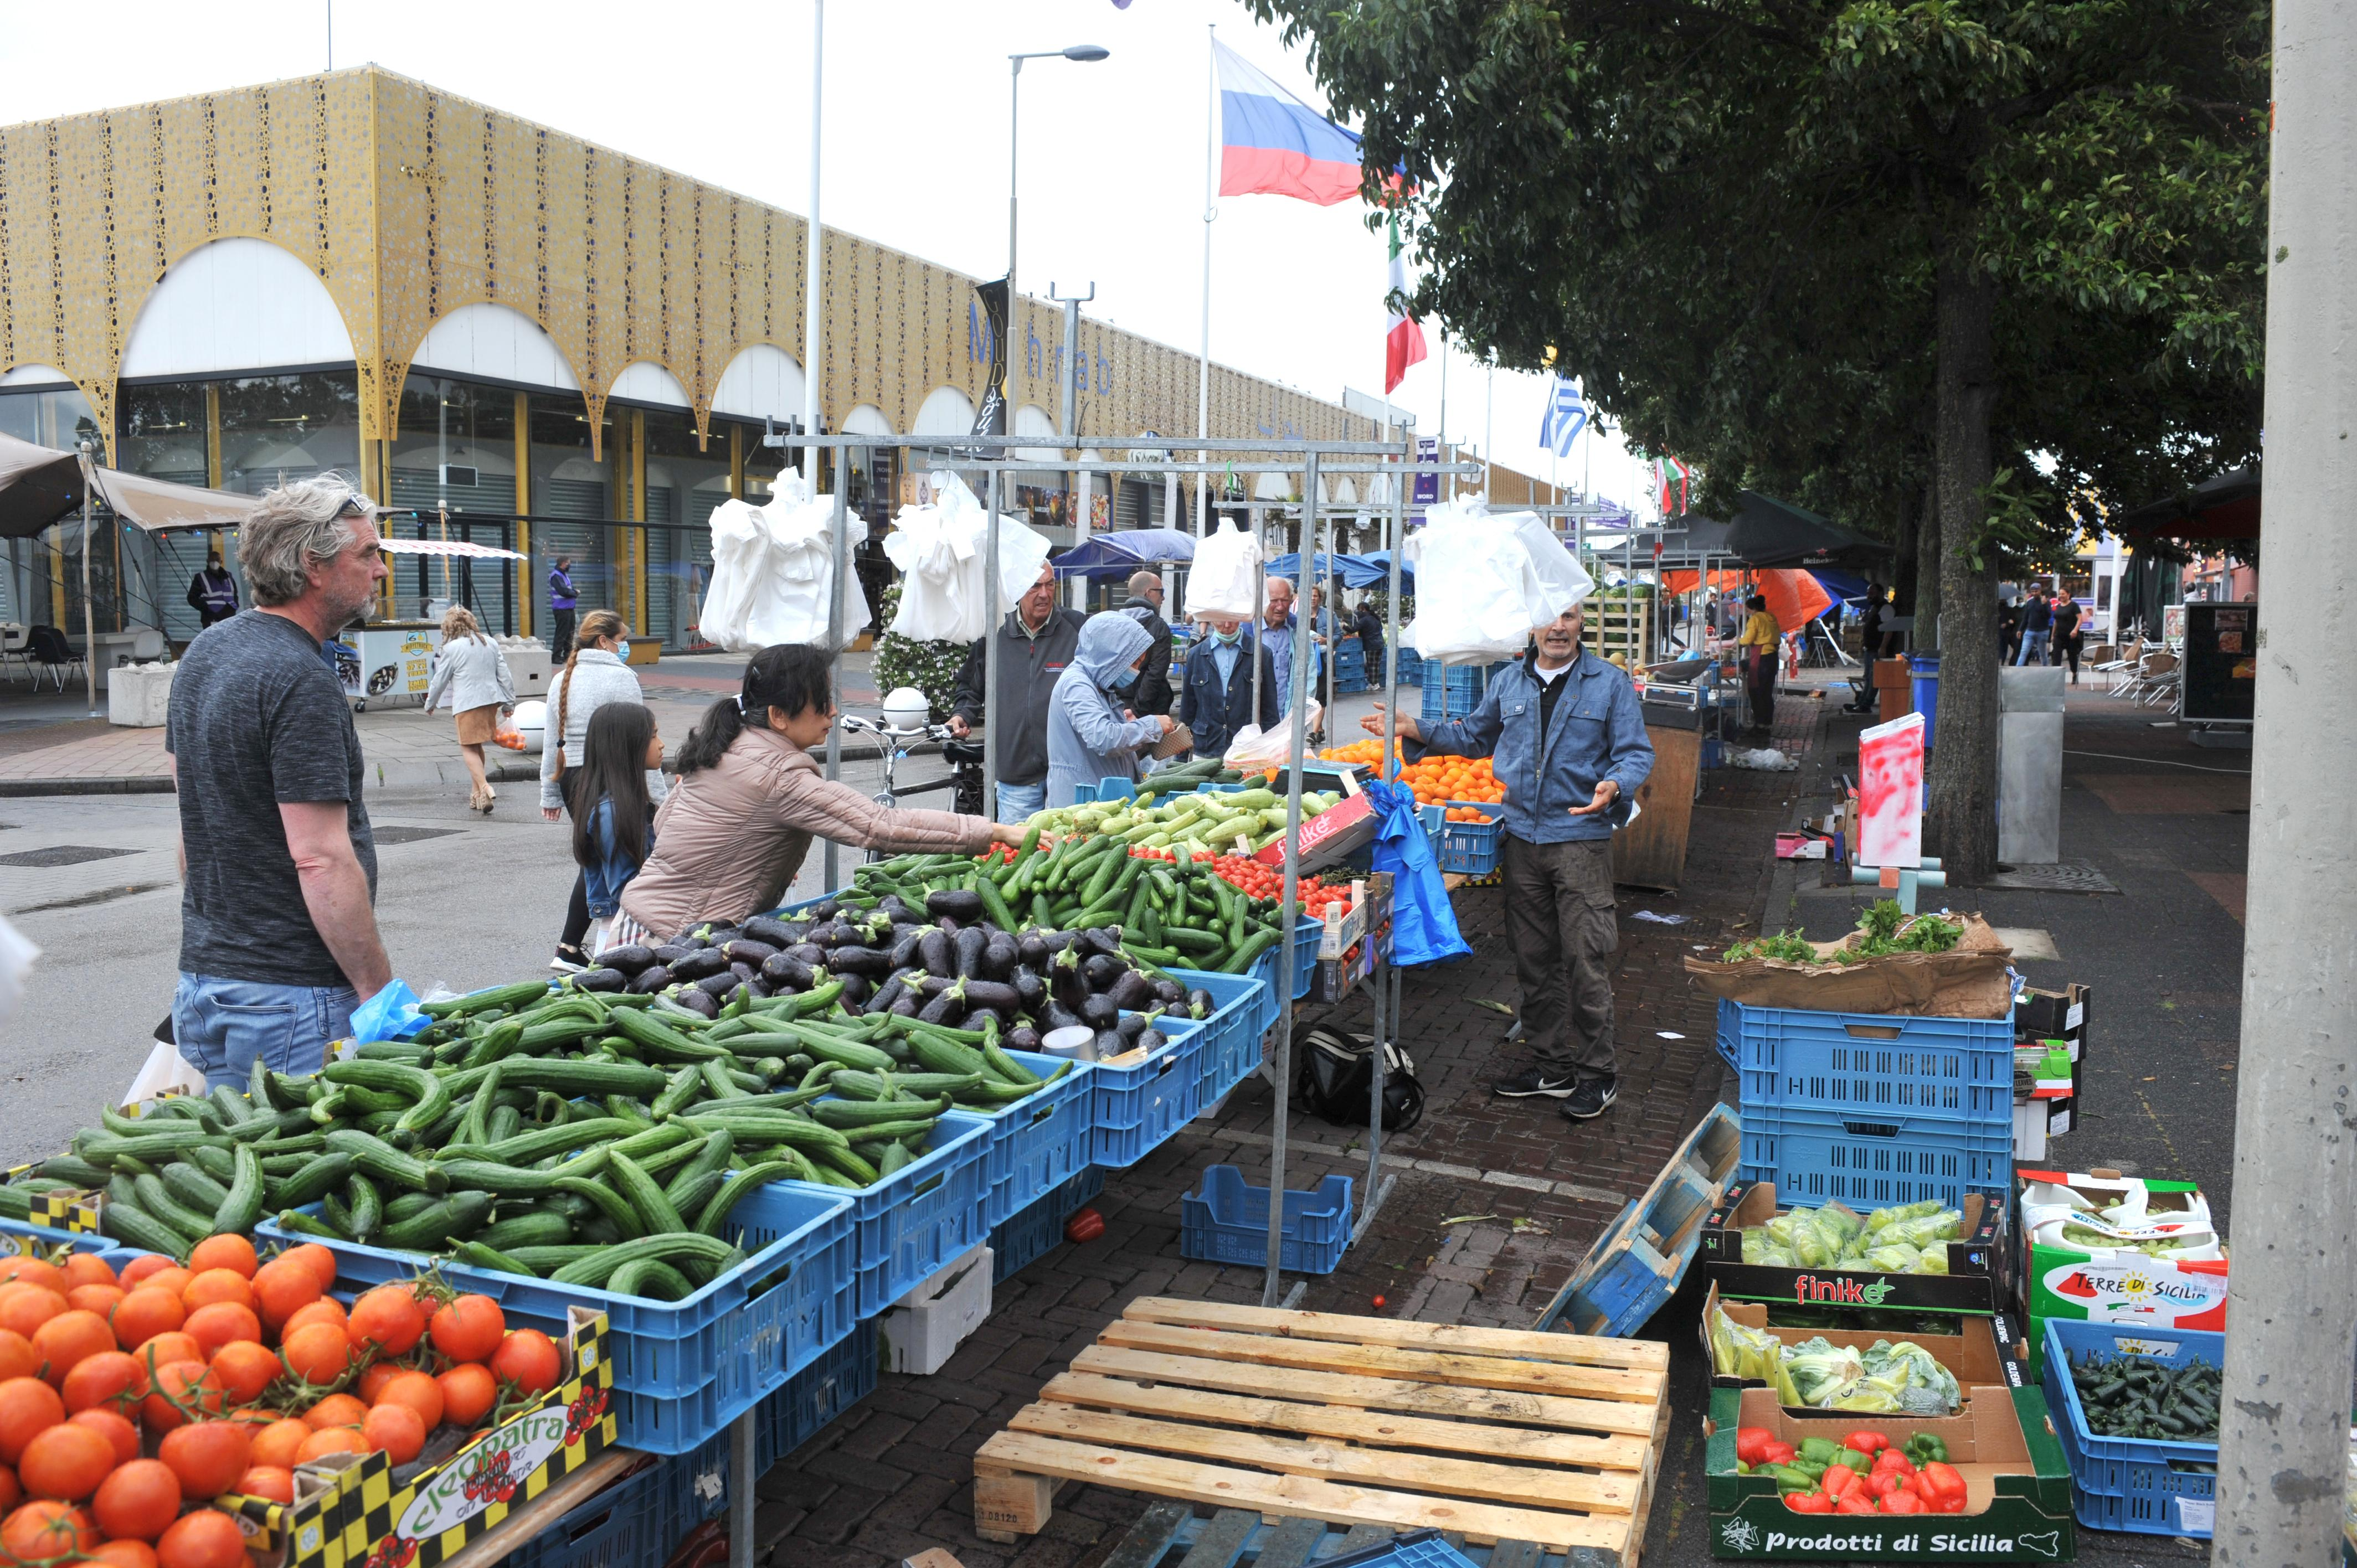 Verkoop ook buiten hallen van De Bazaar dit weekeinde niet toegestaan. Markt moet met alternatief plan komen voor handhaving 1,5 meter